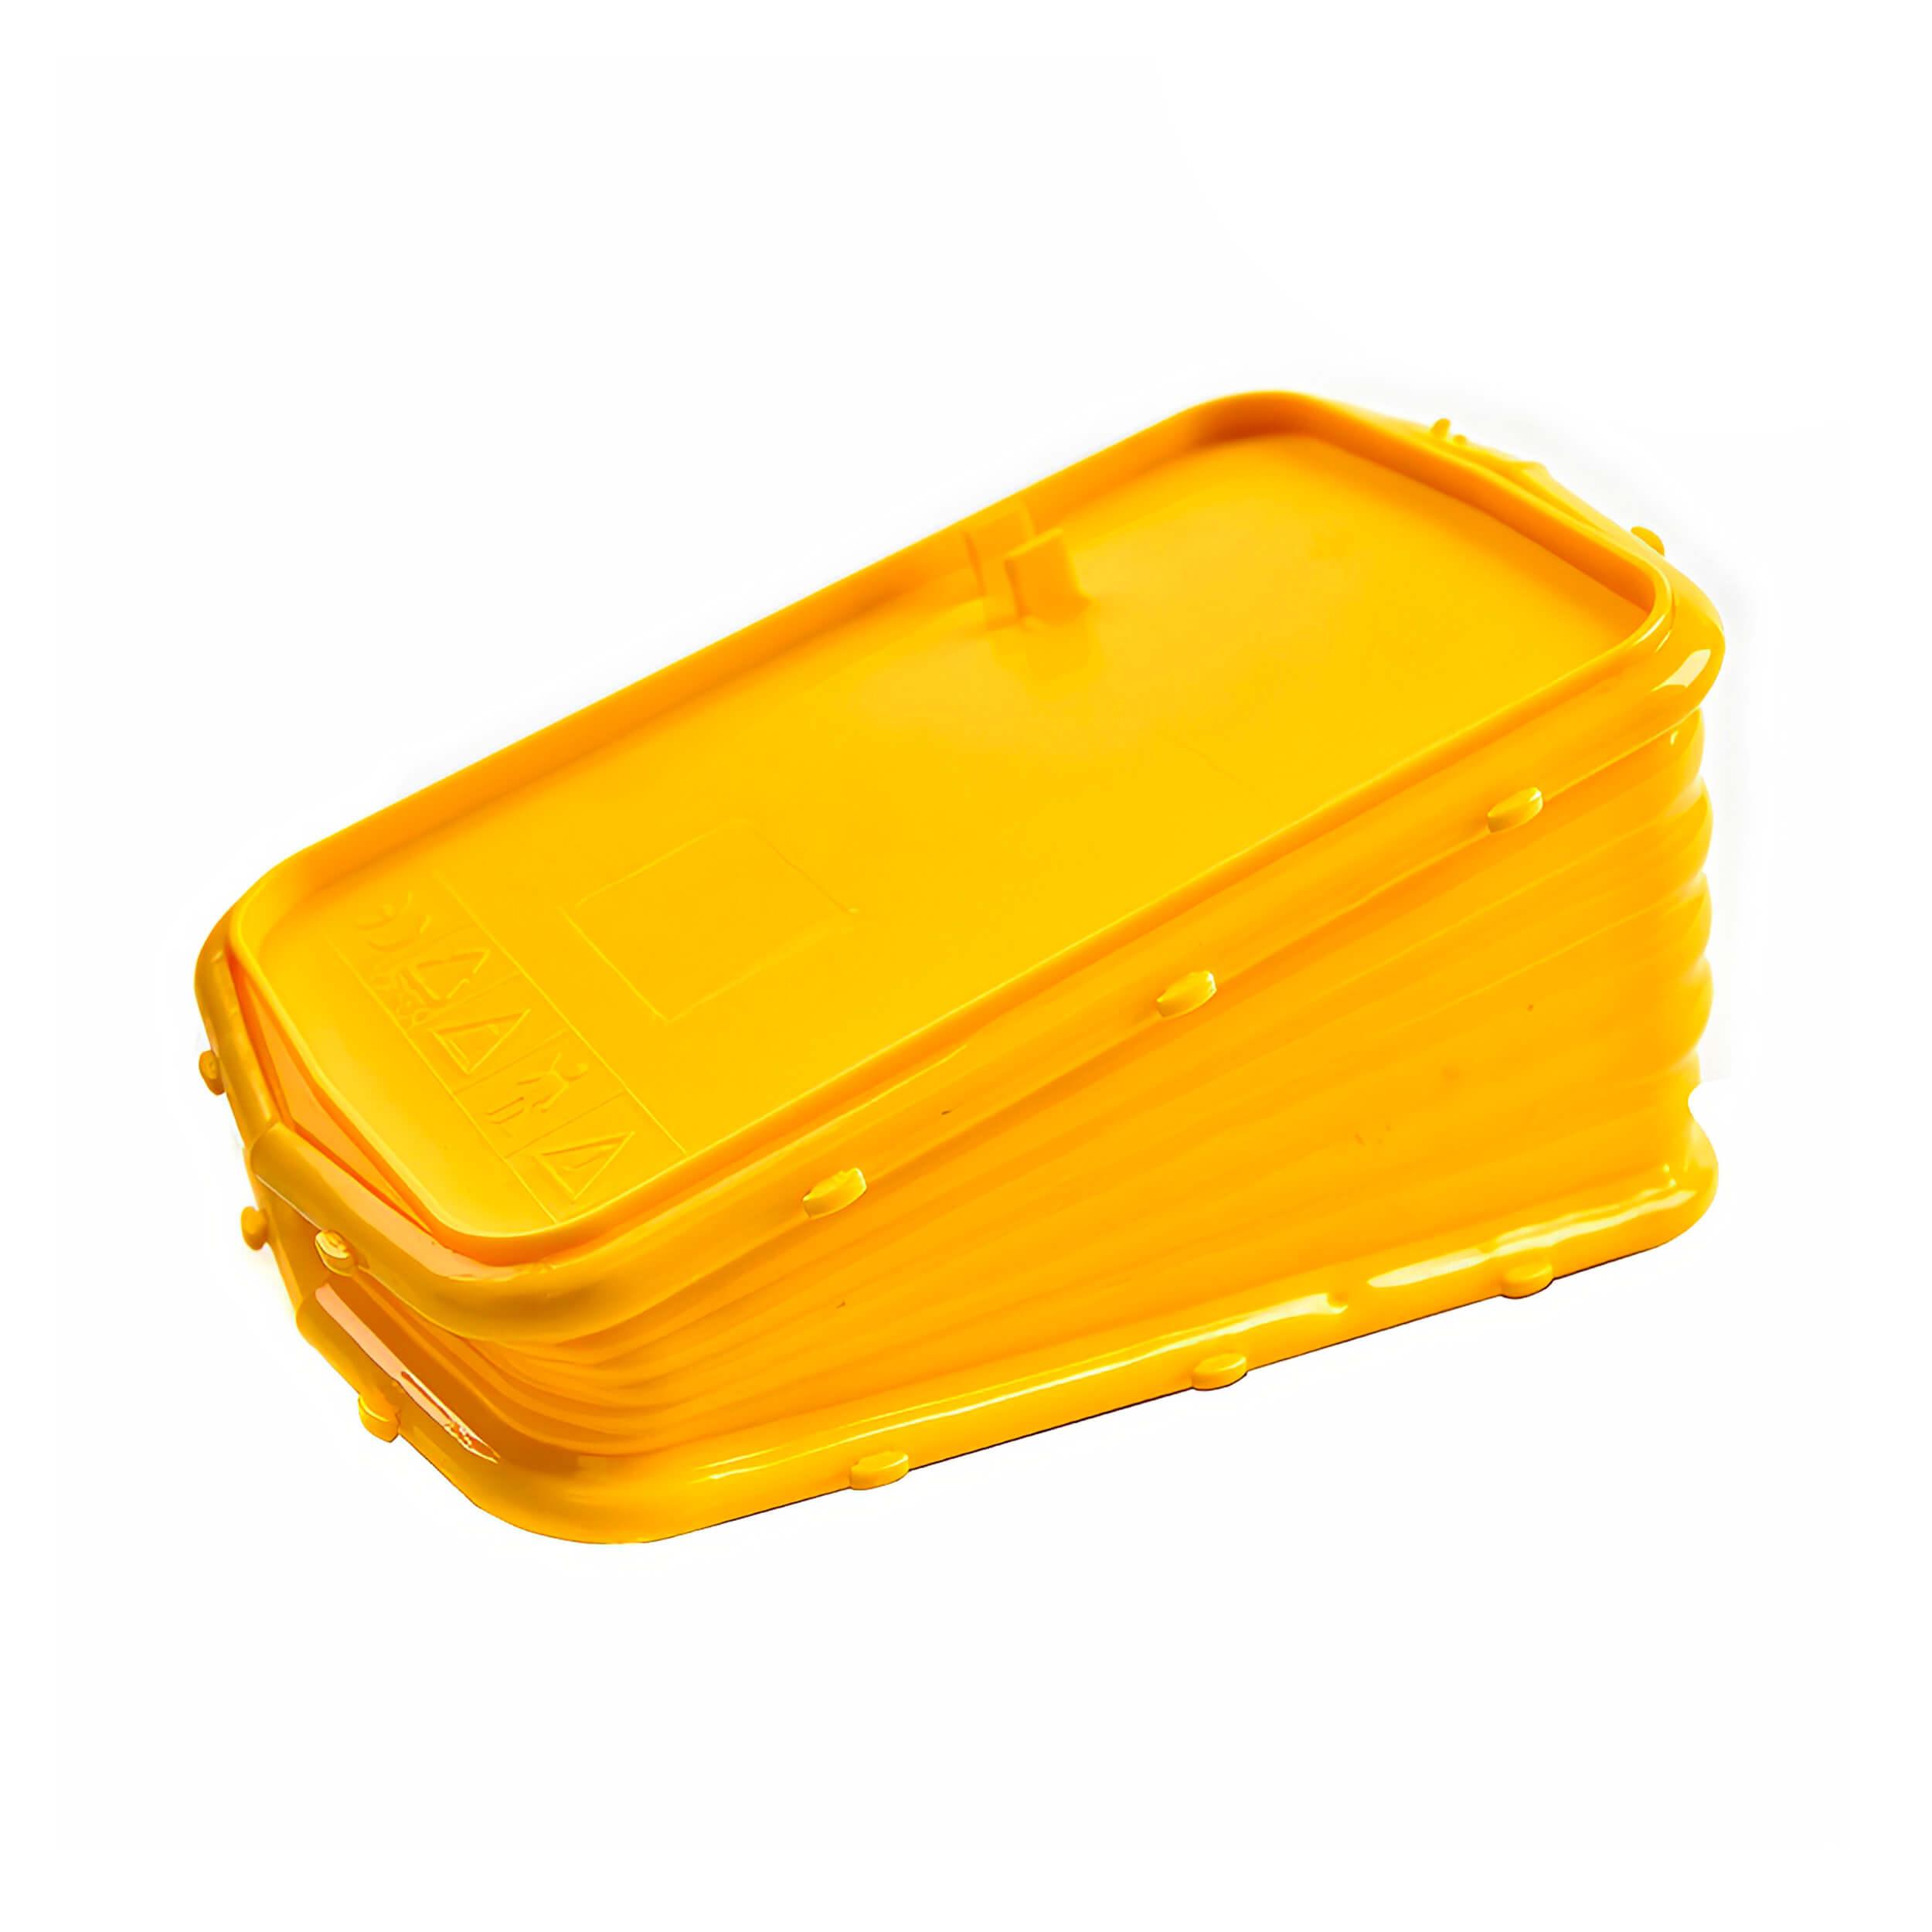 """Меха для пасечного дымаря """"Plastic-Yellow-210"""" (Пластик, силикон) фото"""